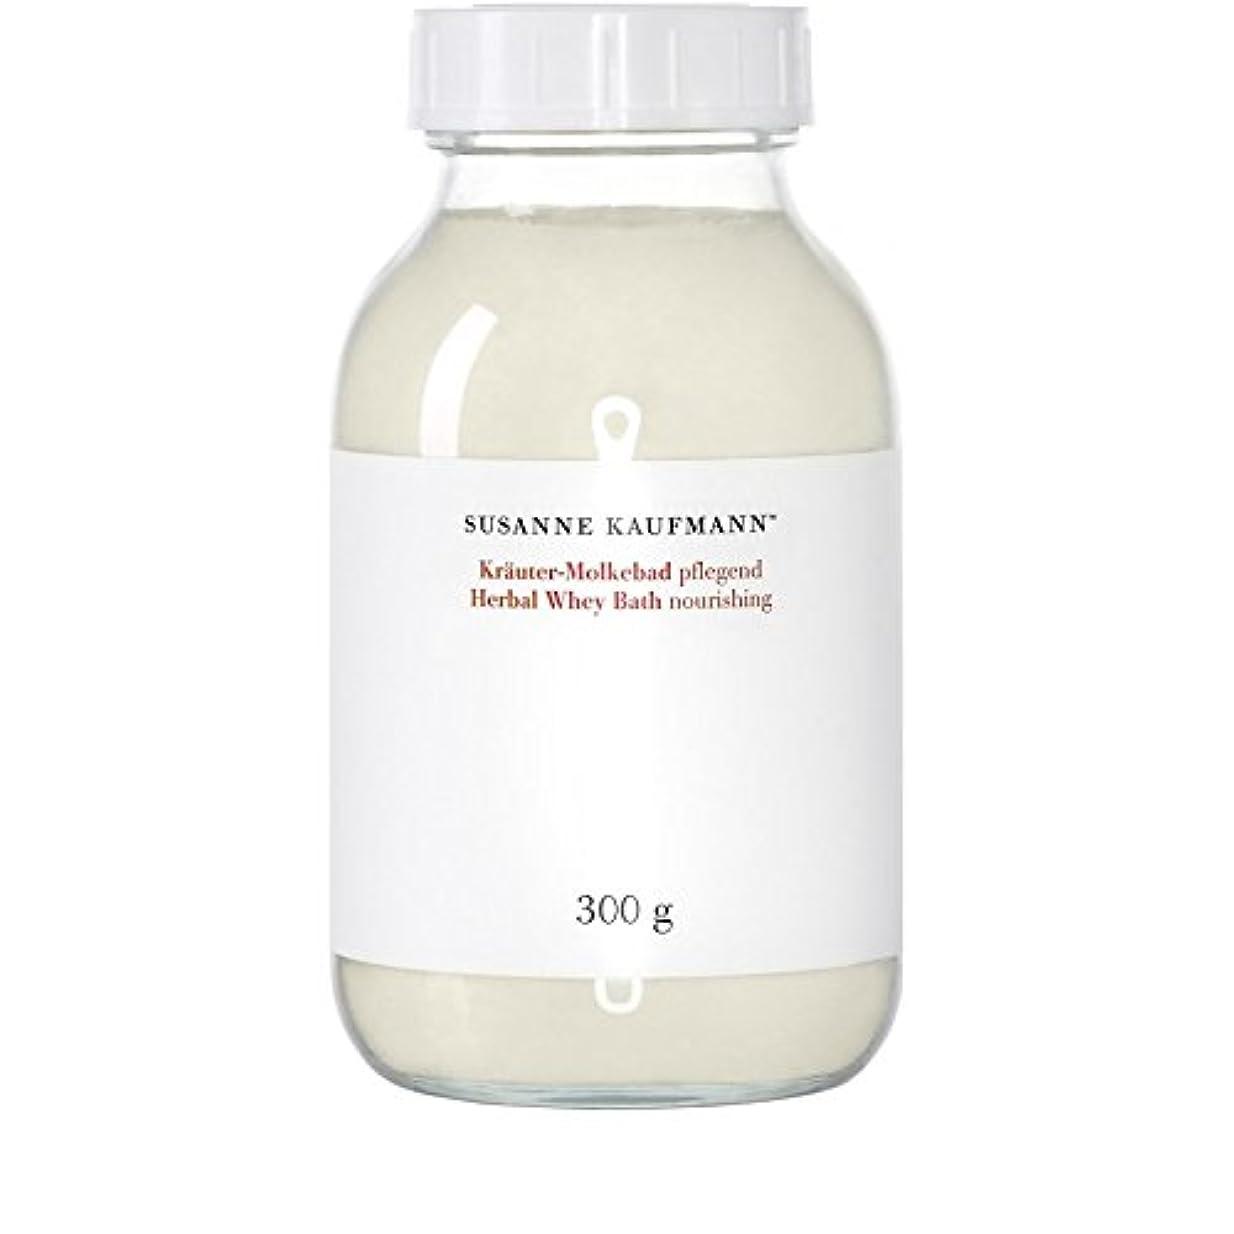 持つ今晩ドラムSusanne Kaufmann Nourishing Herbal Whey Bath 300g - スザンヌカウフマン栄養ハーブホエーバス300グラム [並行輸入品]